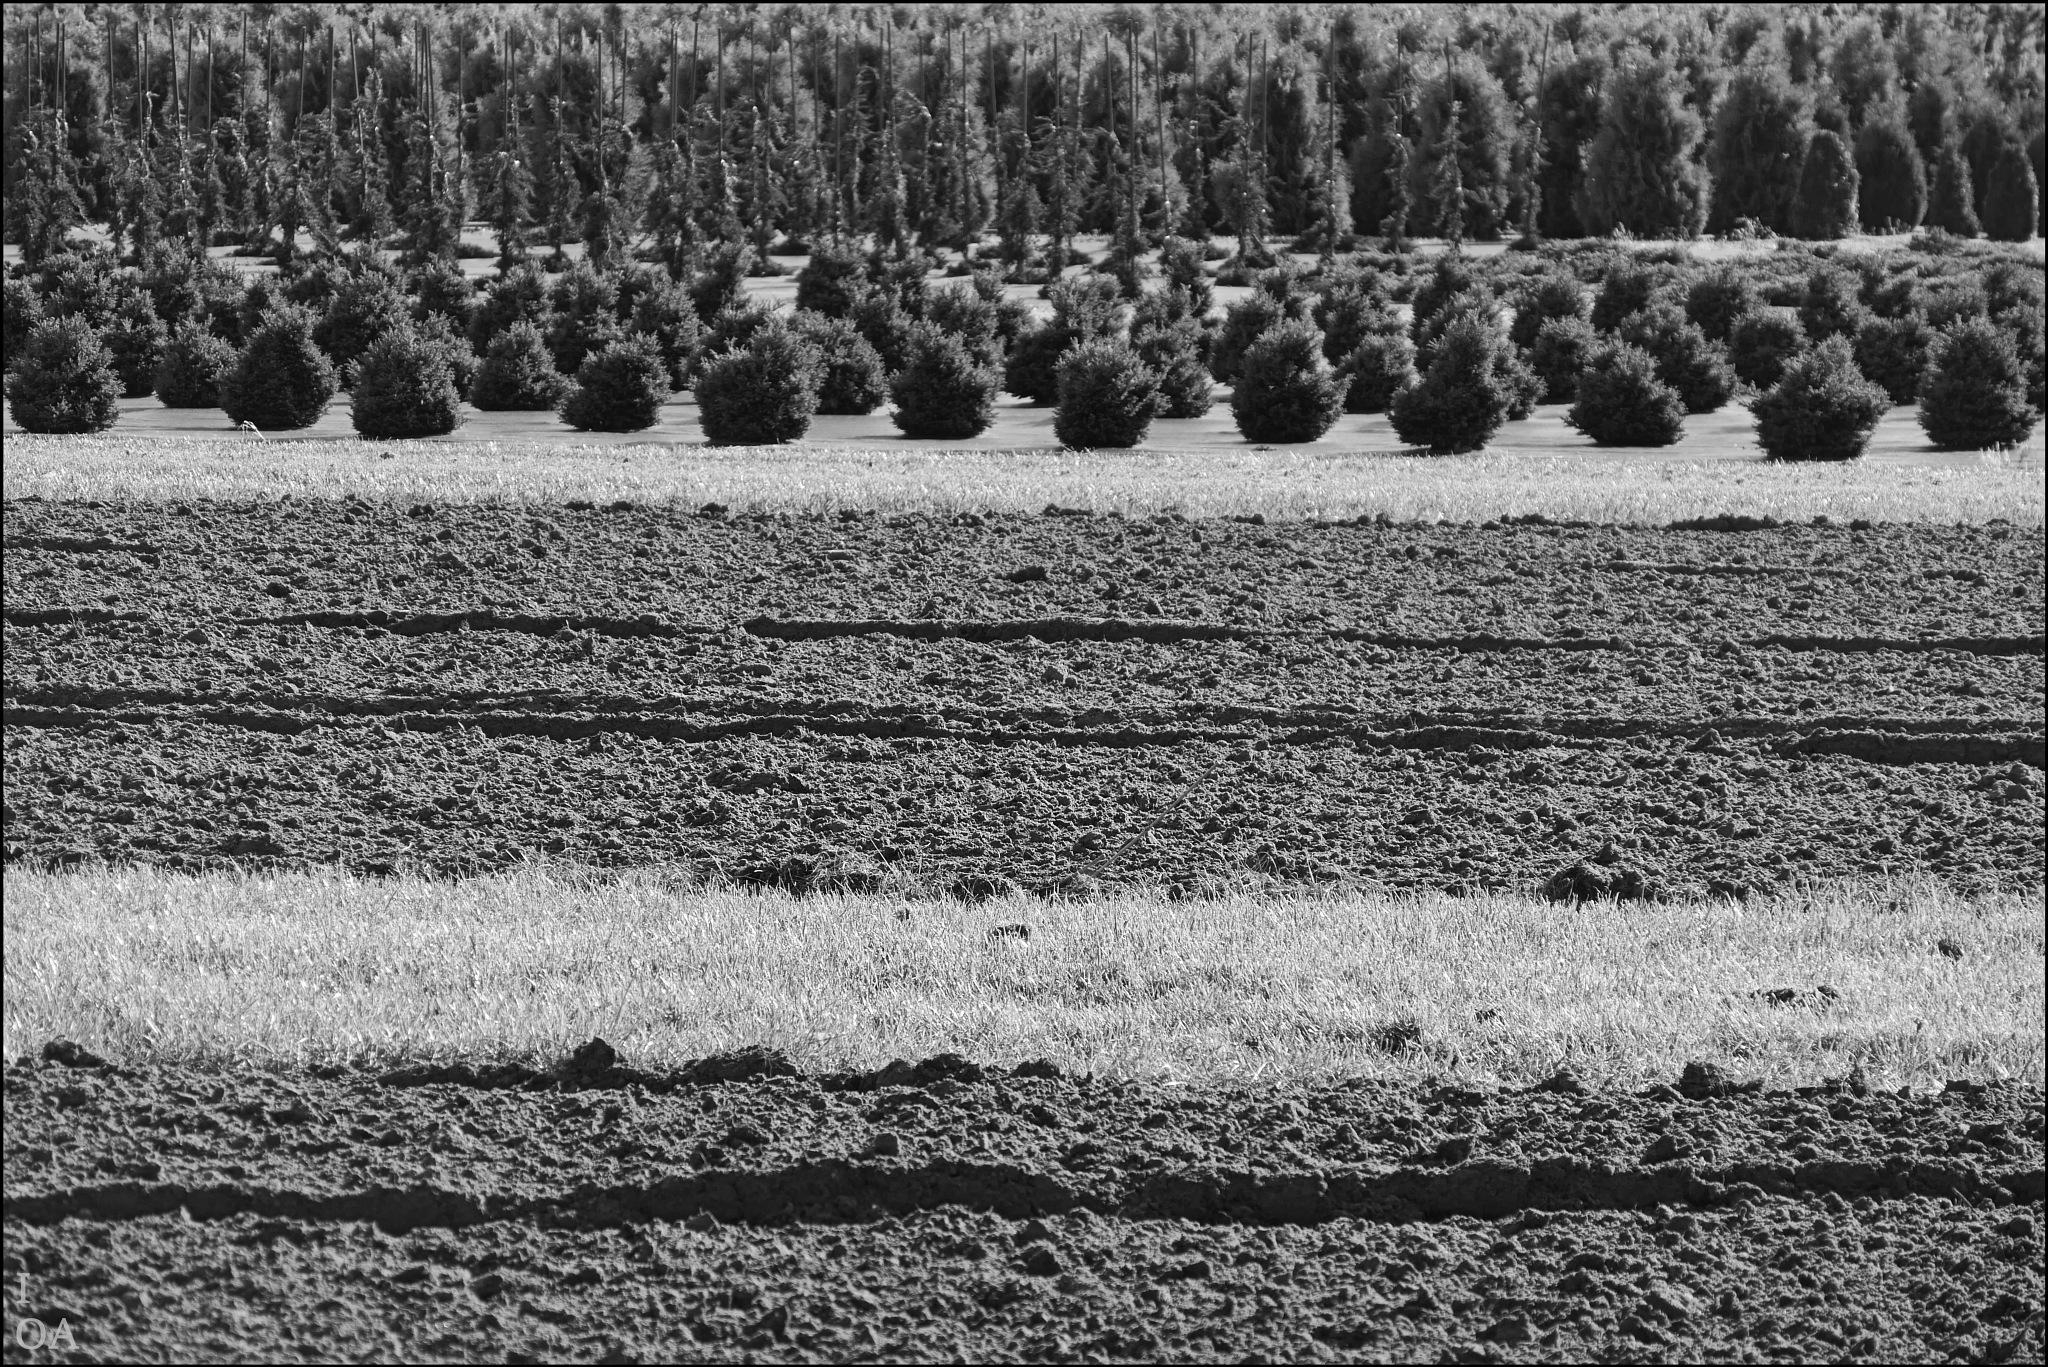 Tree grower by imageofantwerp